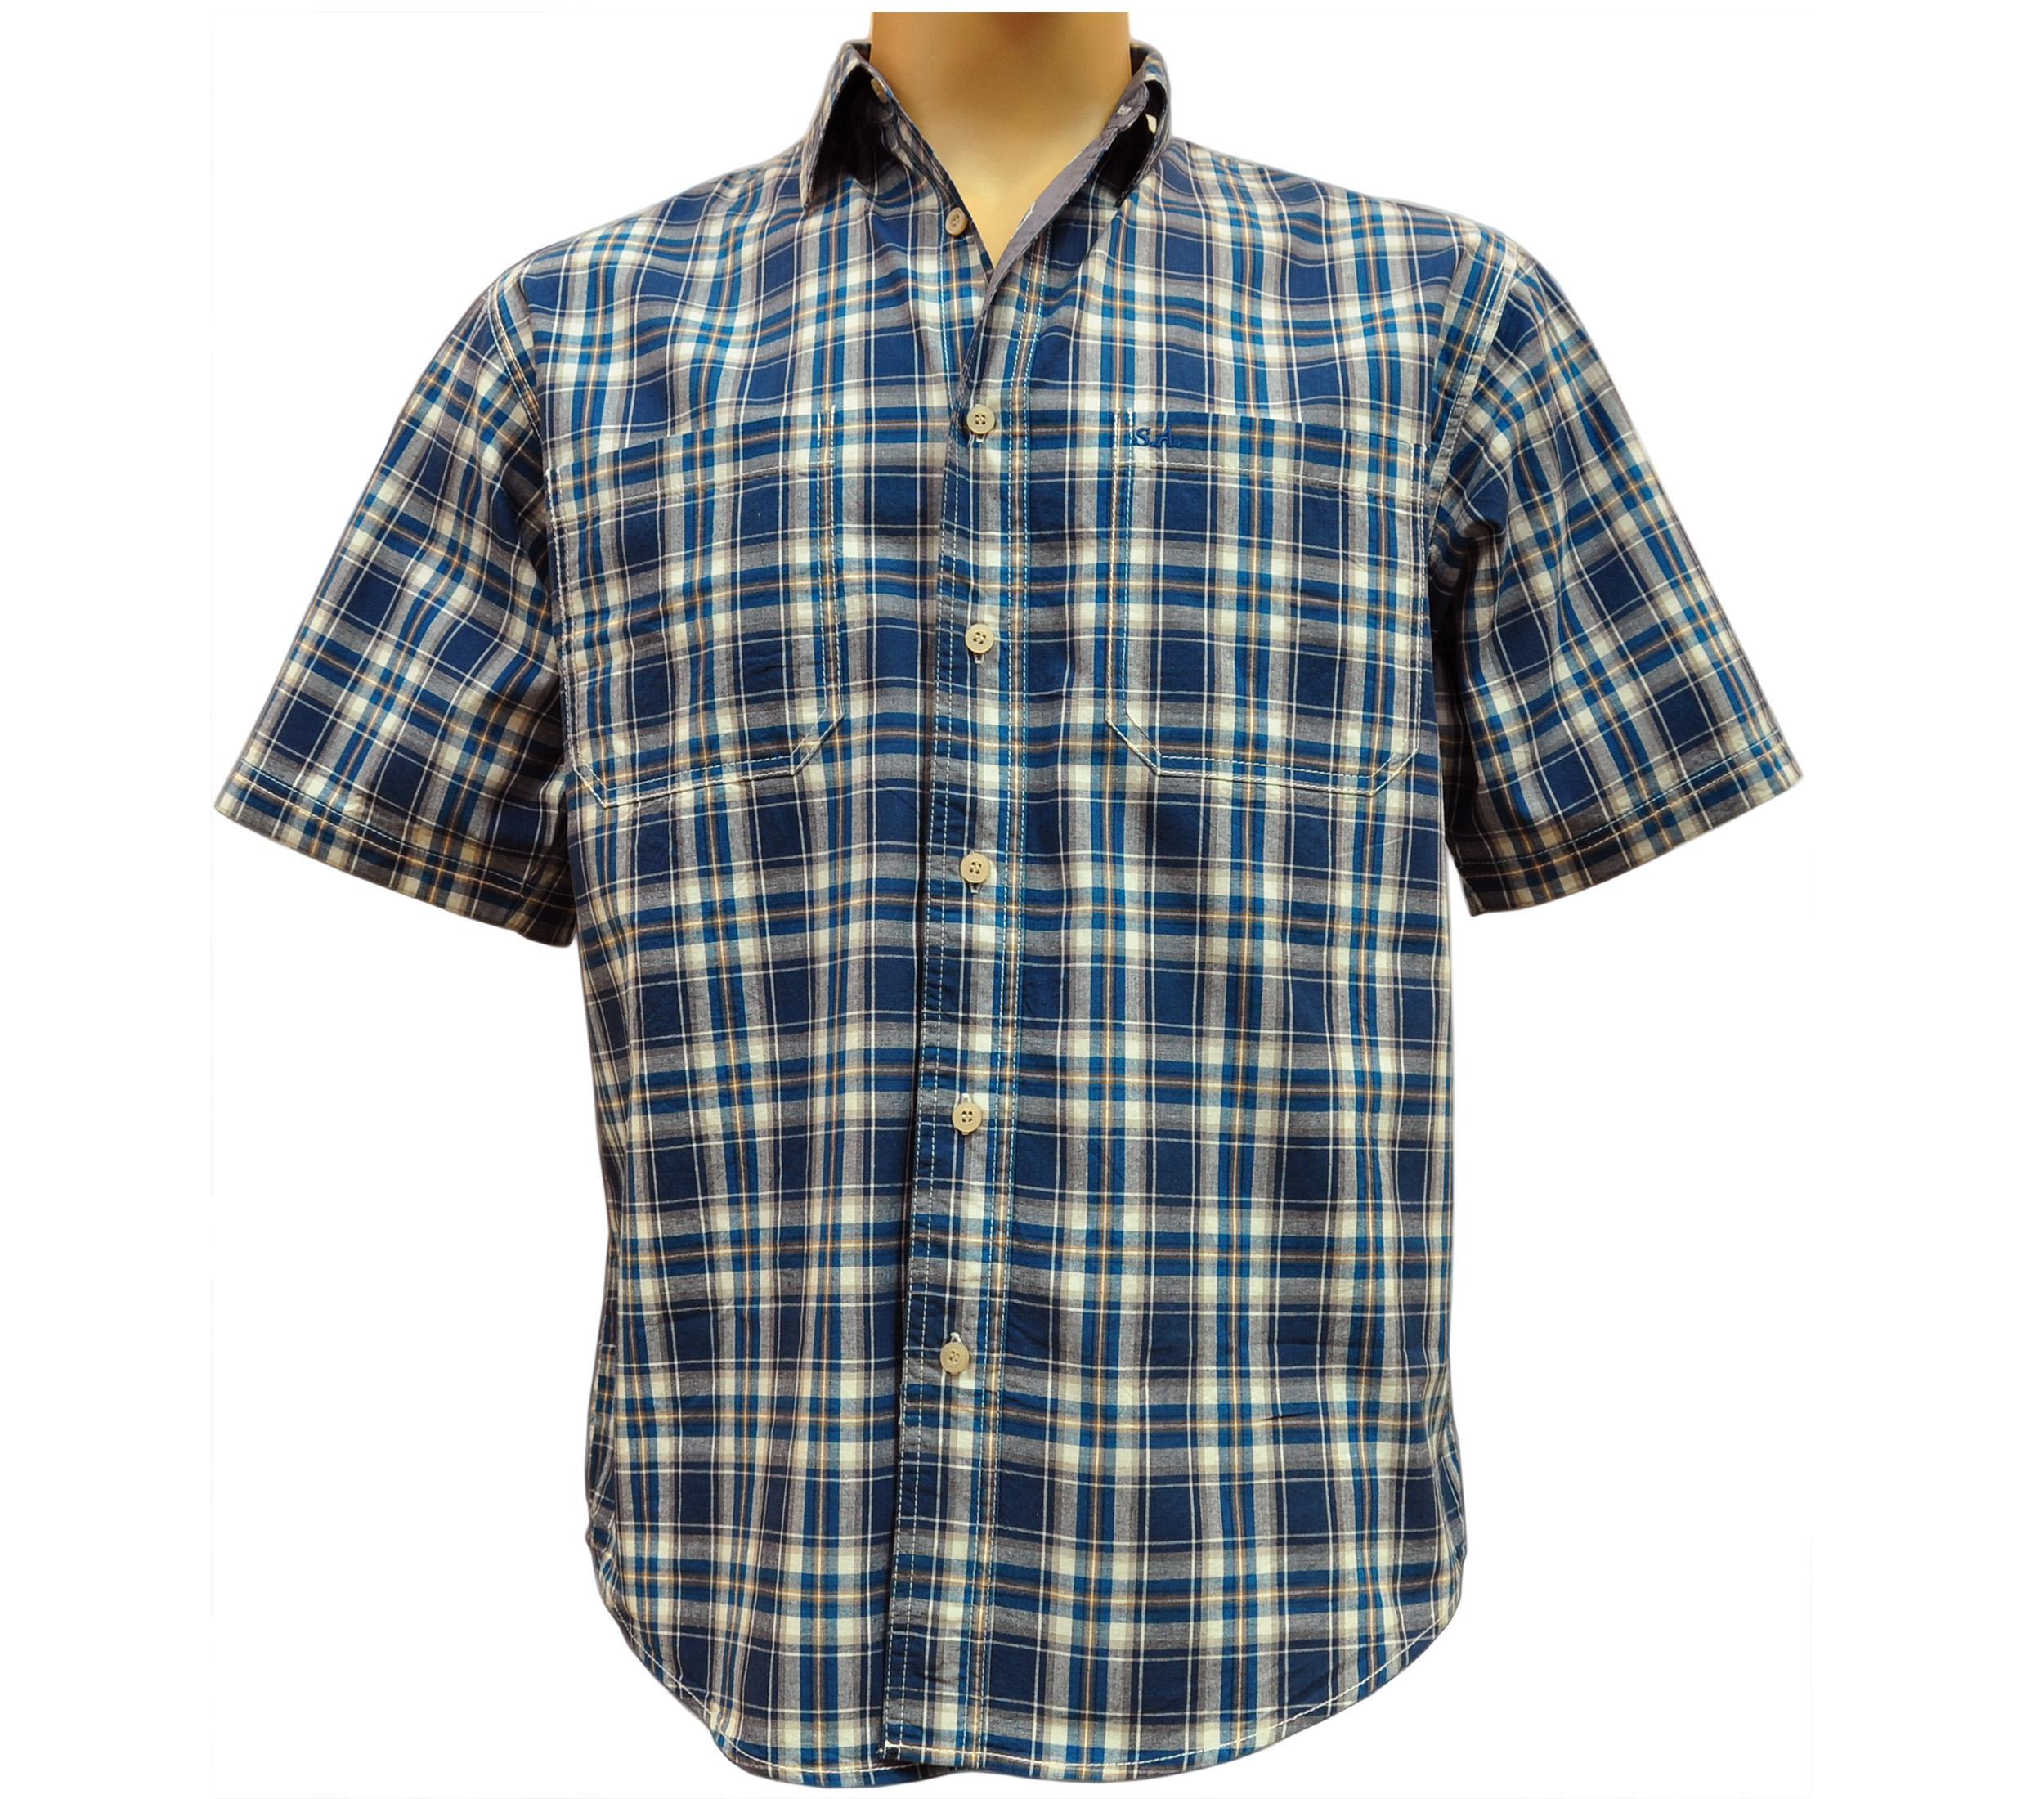 Мужская рубашка в среднюю знелено-белого цвета клетку